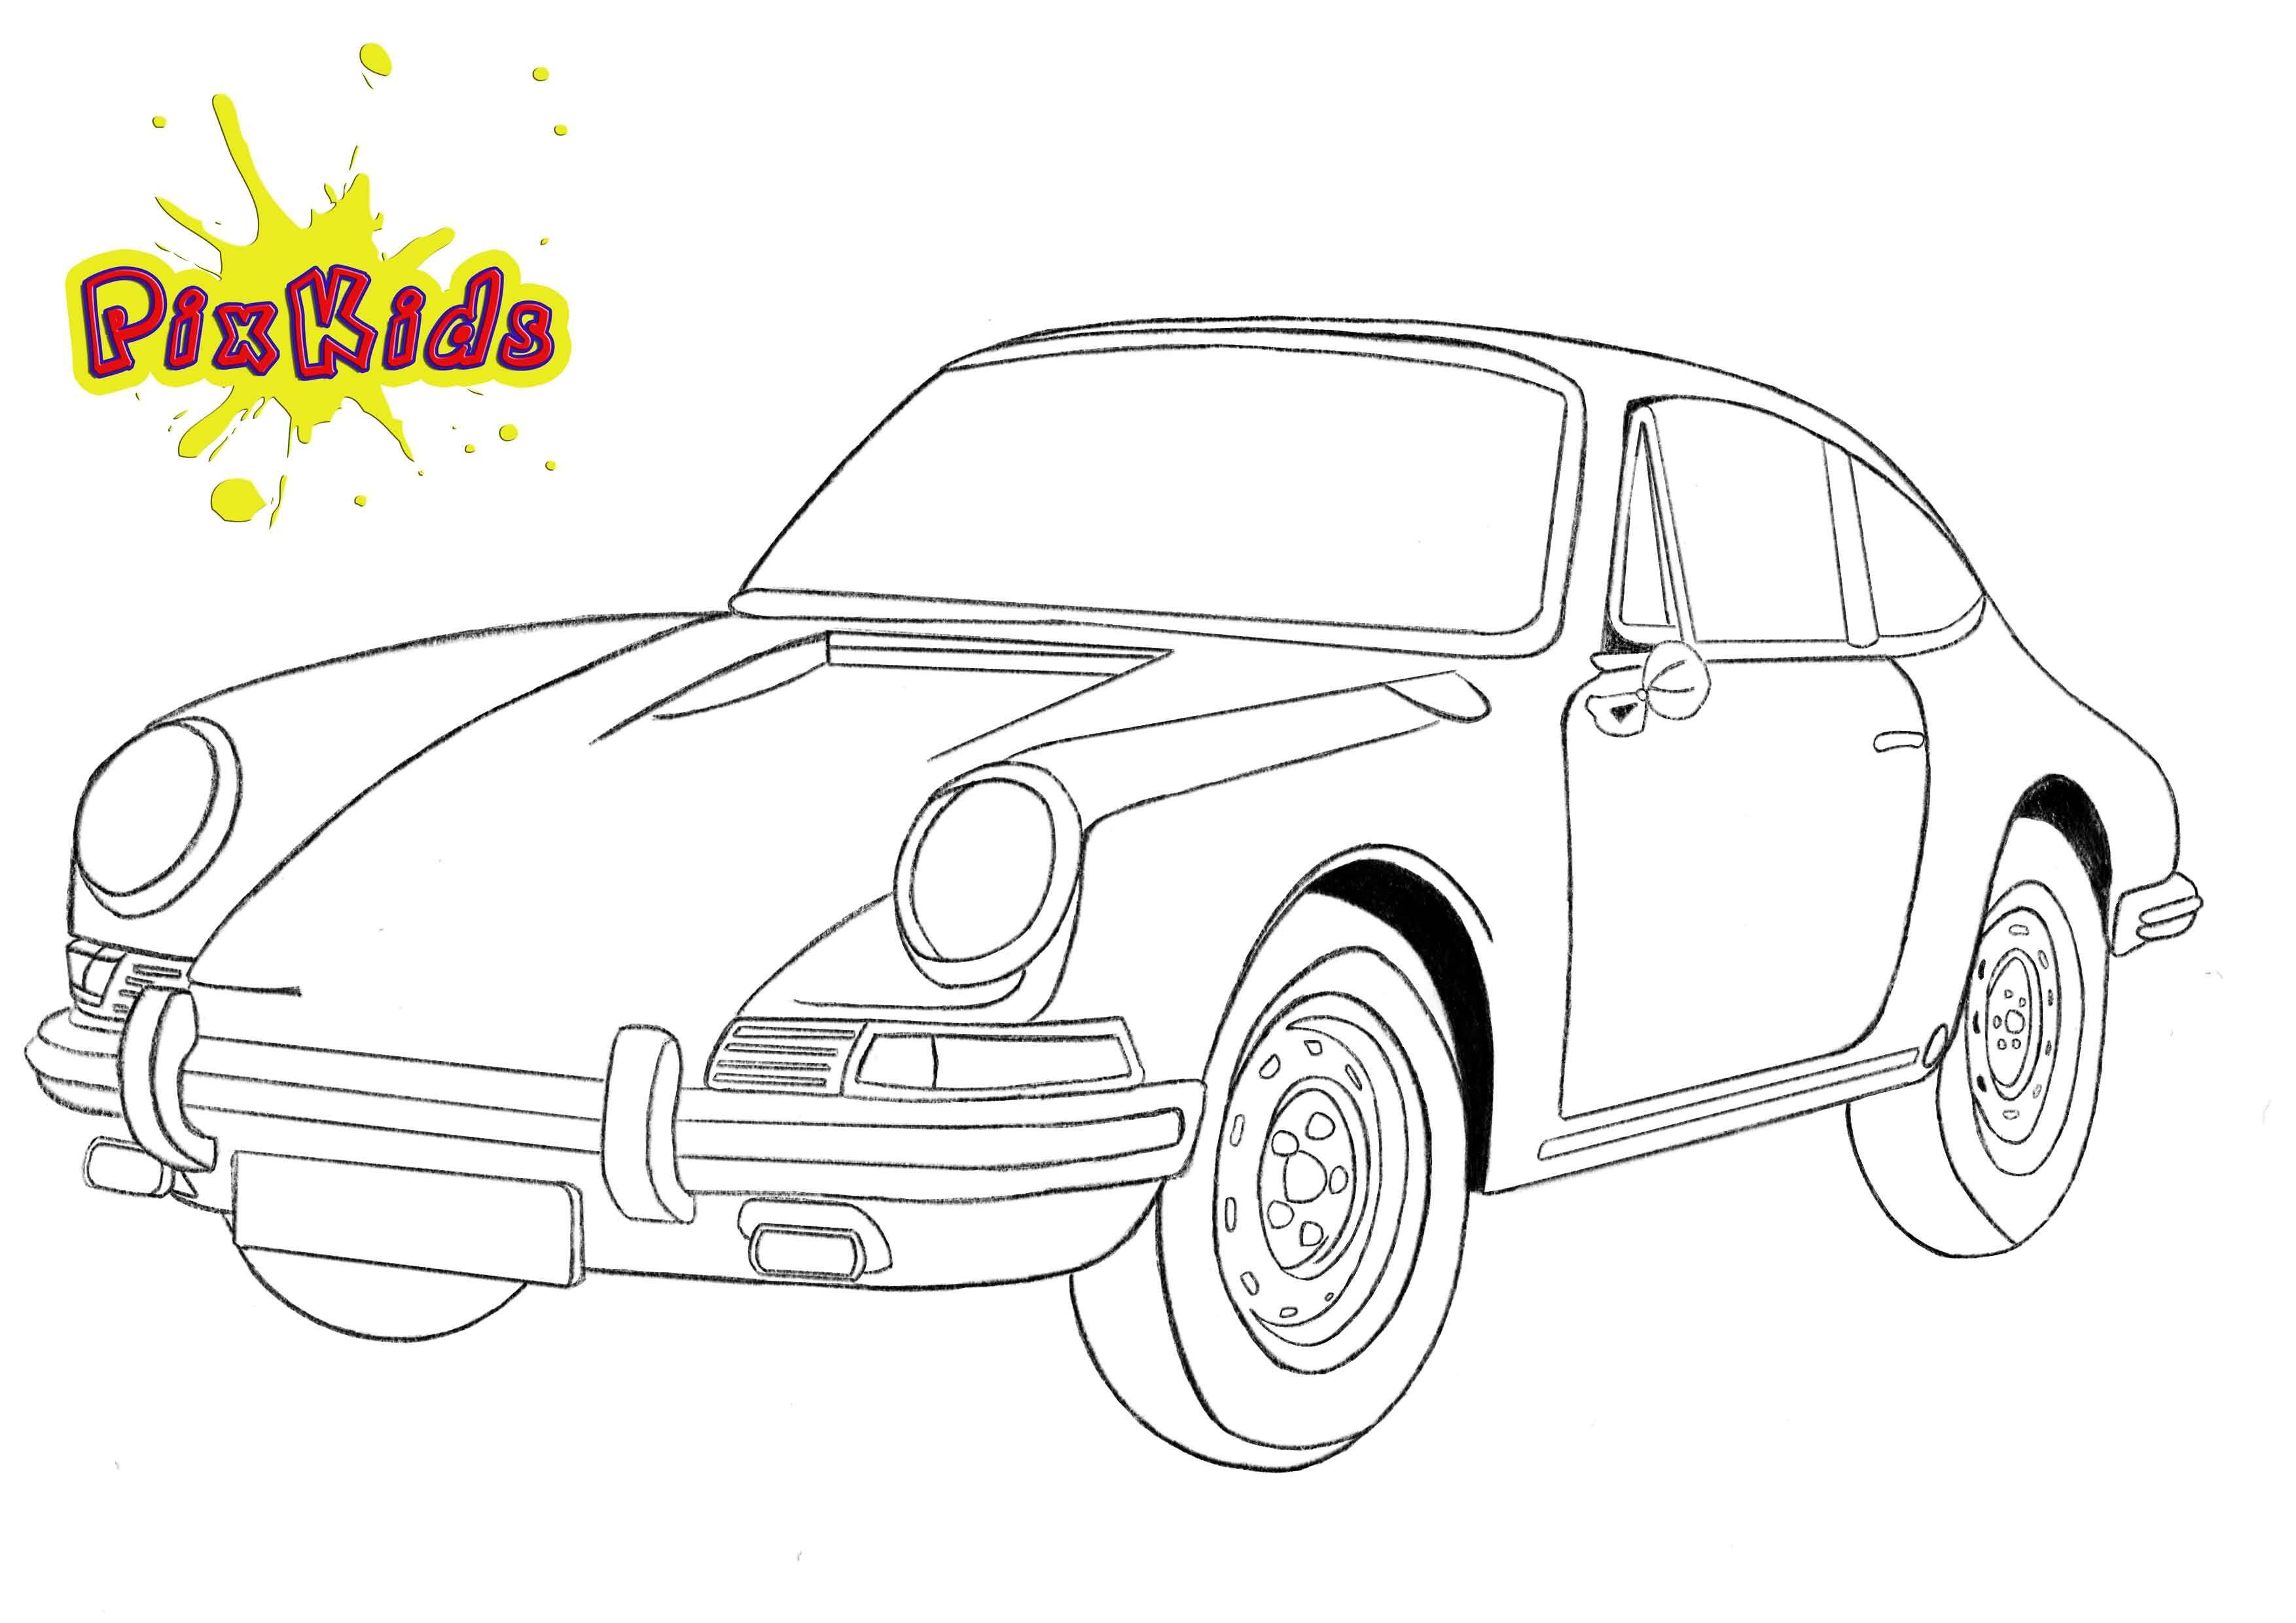 Ausmalbilder Autos Kostenlos Porsche http://www.ausmalbilder.co